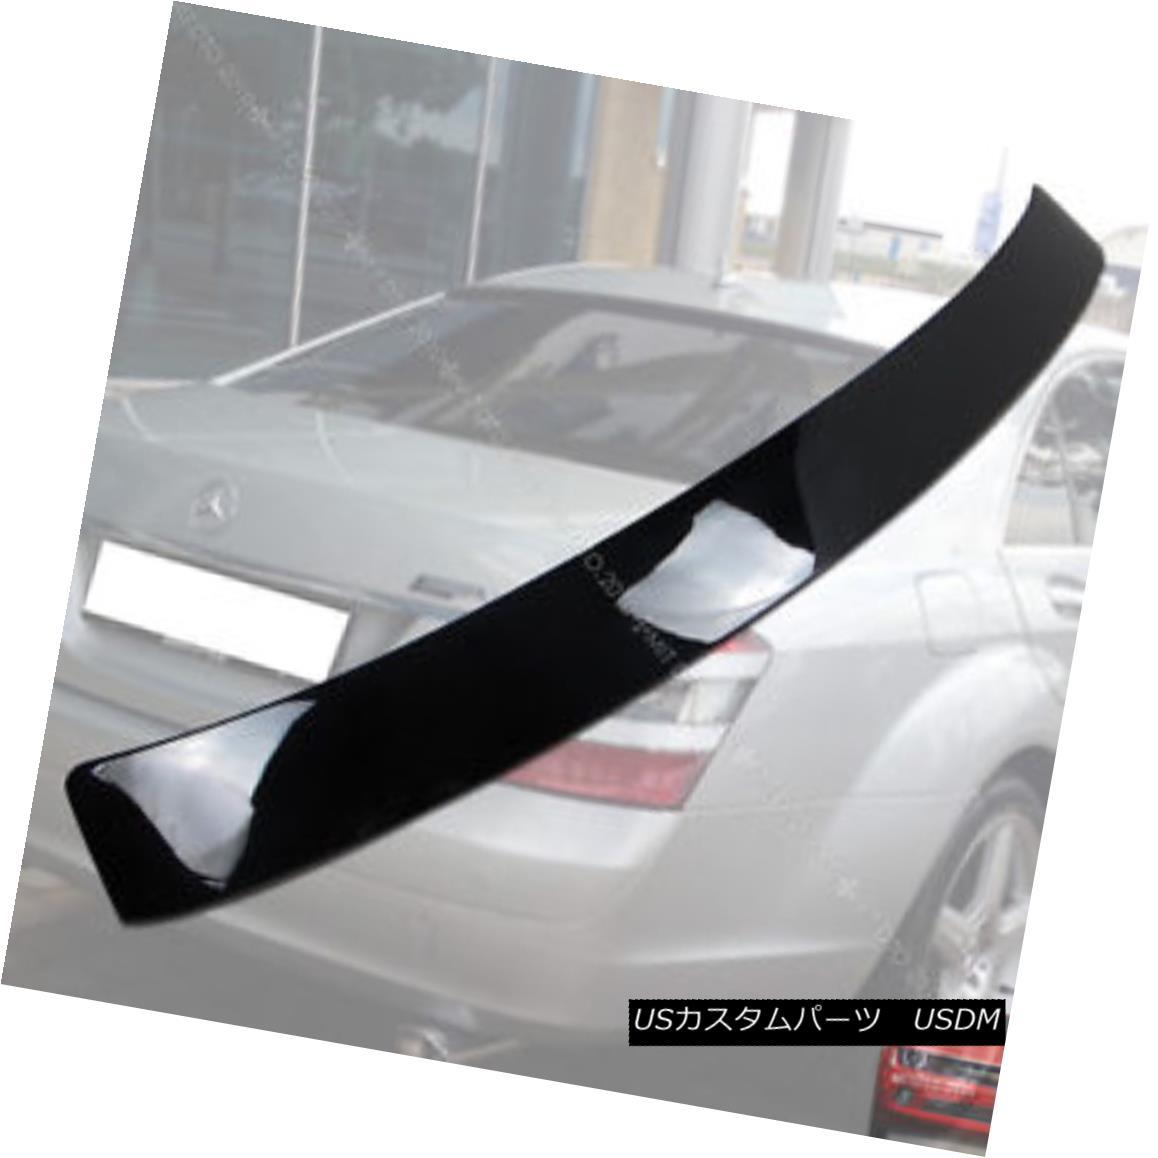 エアロパーツ 2007-2013 Mercedes Benz W221 S-class Roof Spoiler Rear Wing Painted Black 040 § 2007年?2013年メルセデスベンツW221 Sクラスルーフスポイラーリアウイングペイントブラック040